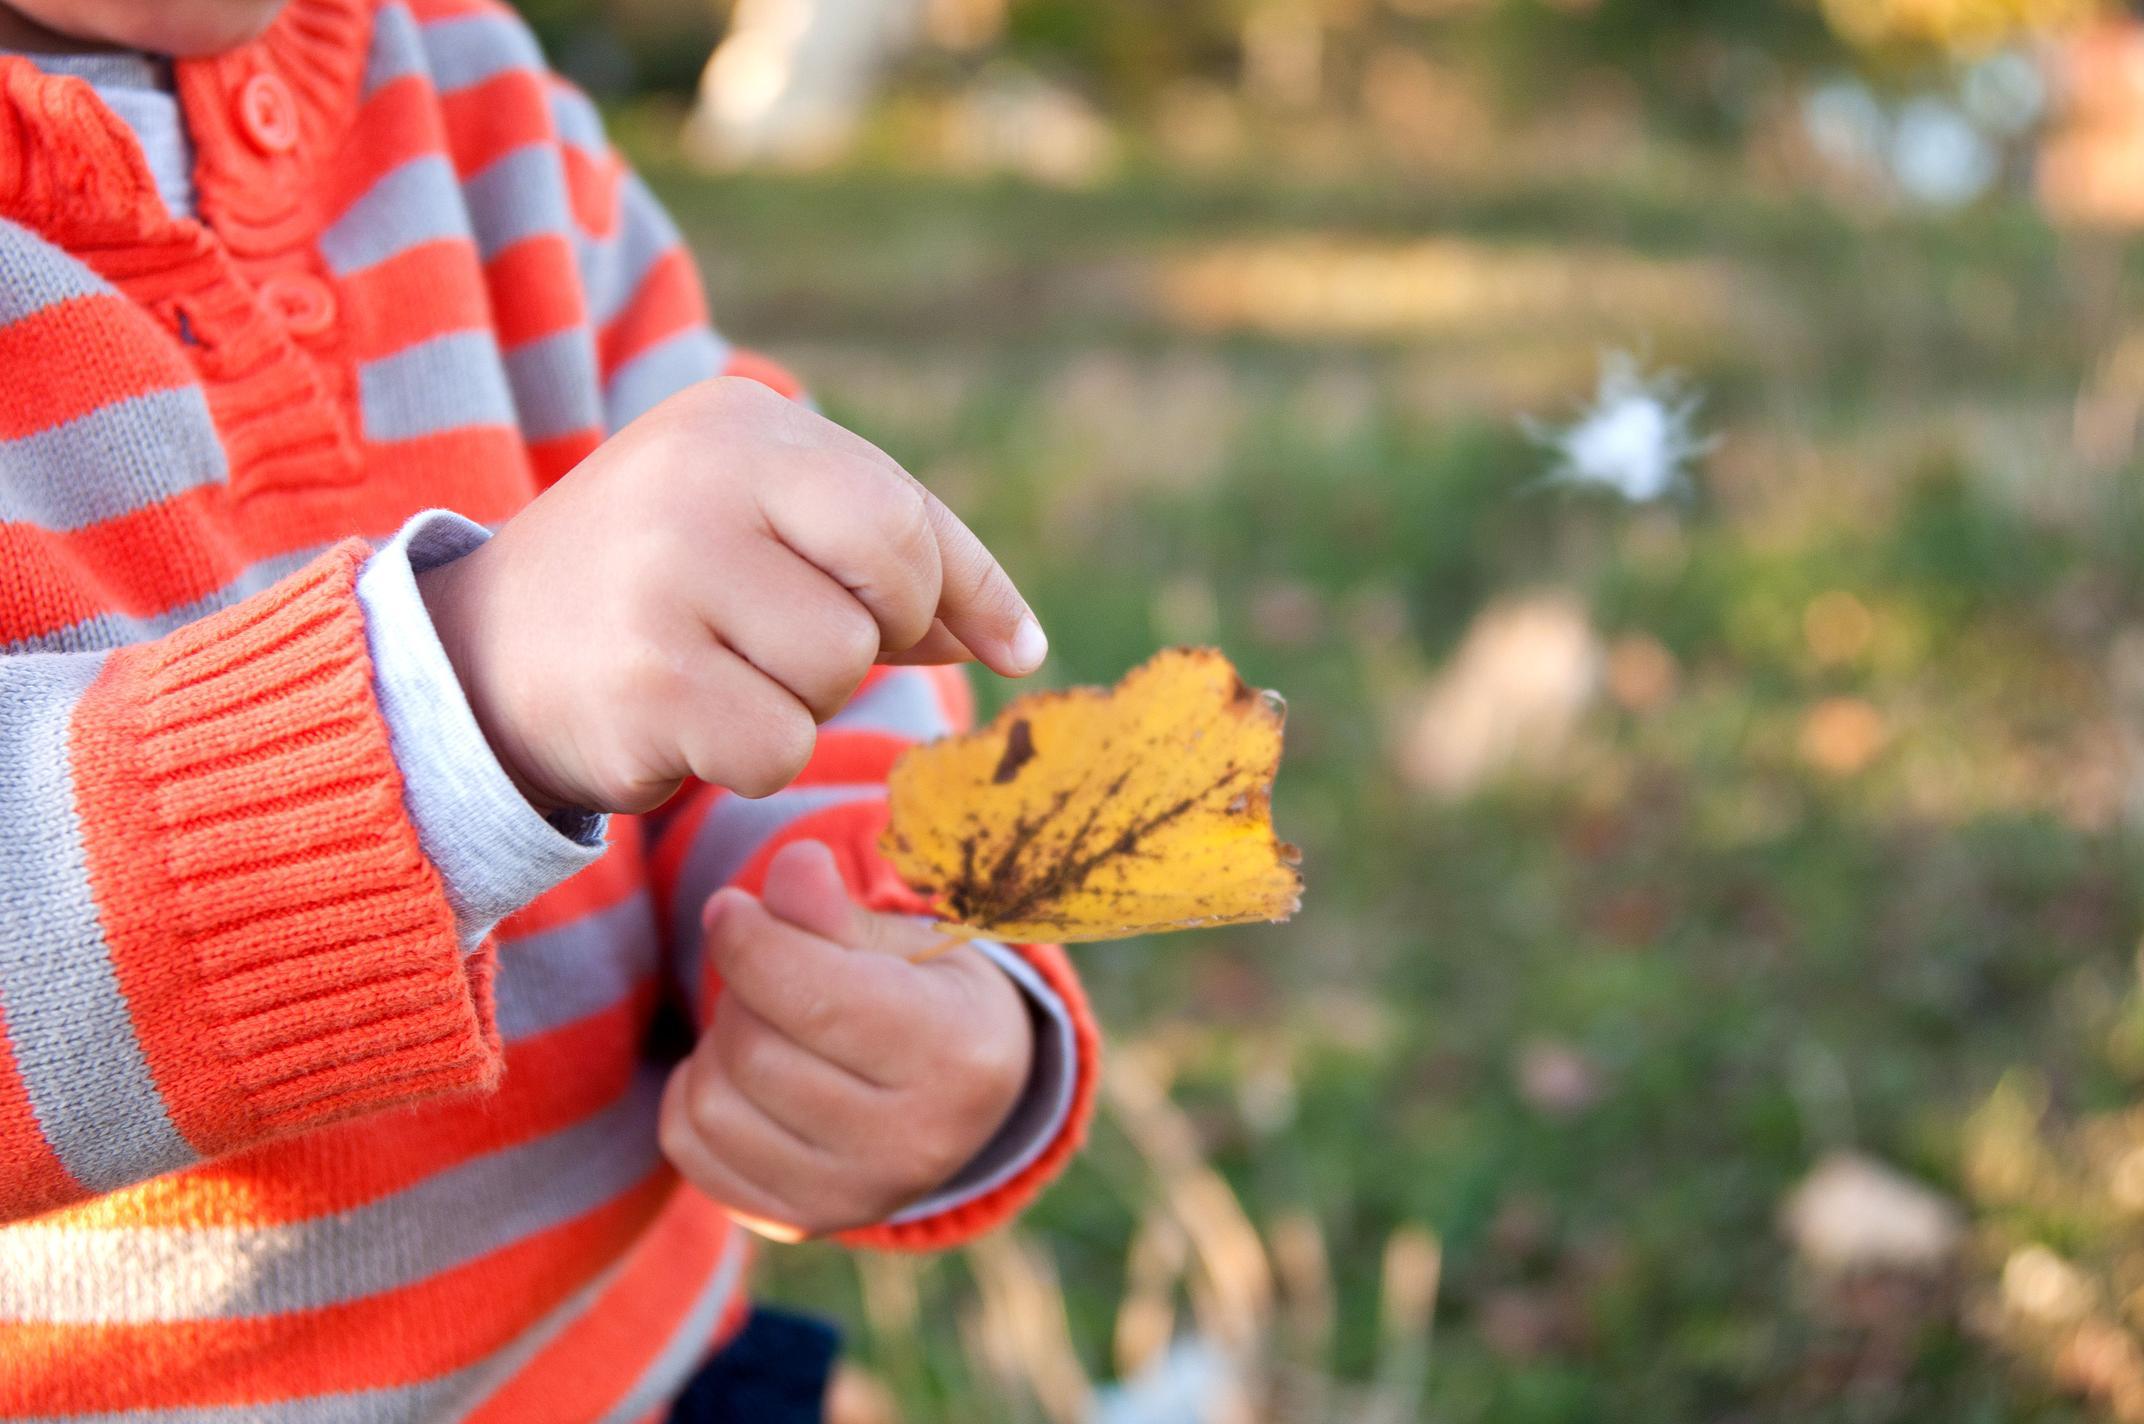 Чому листя восени змінює колір? Досліджуємо з дітьми